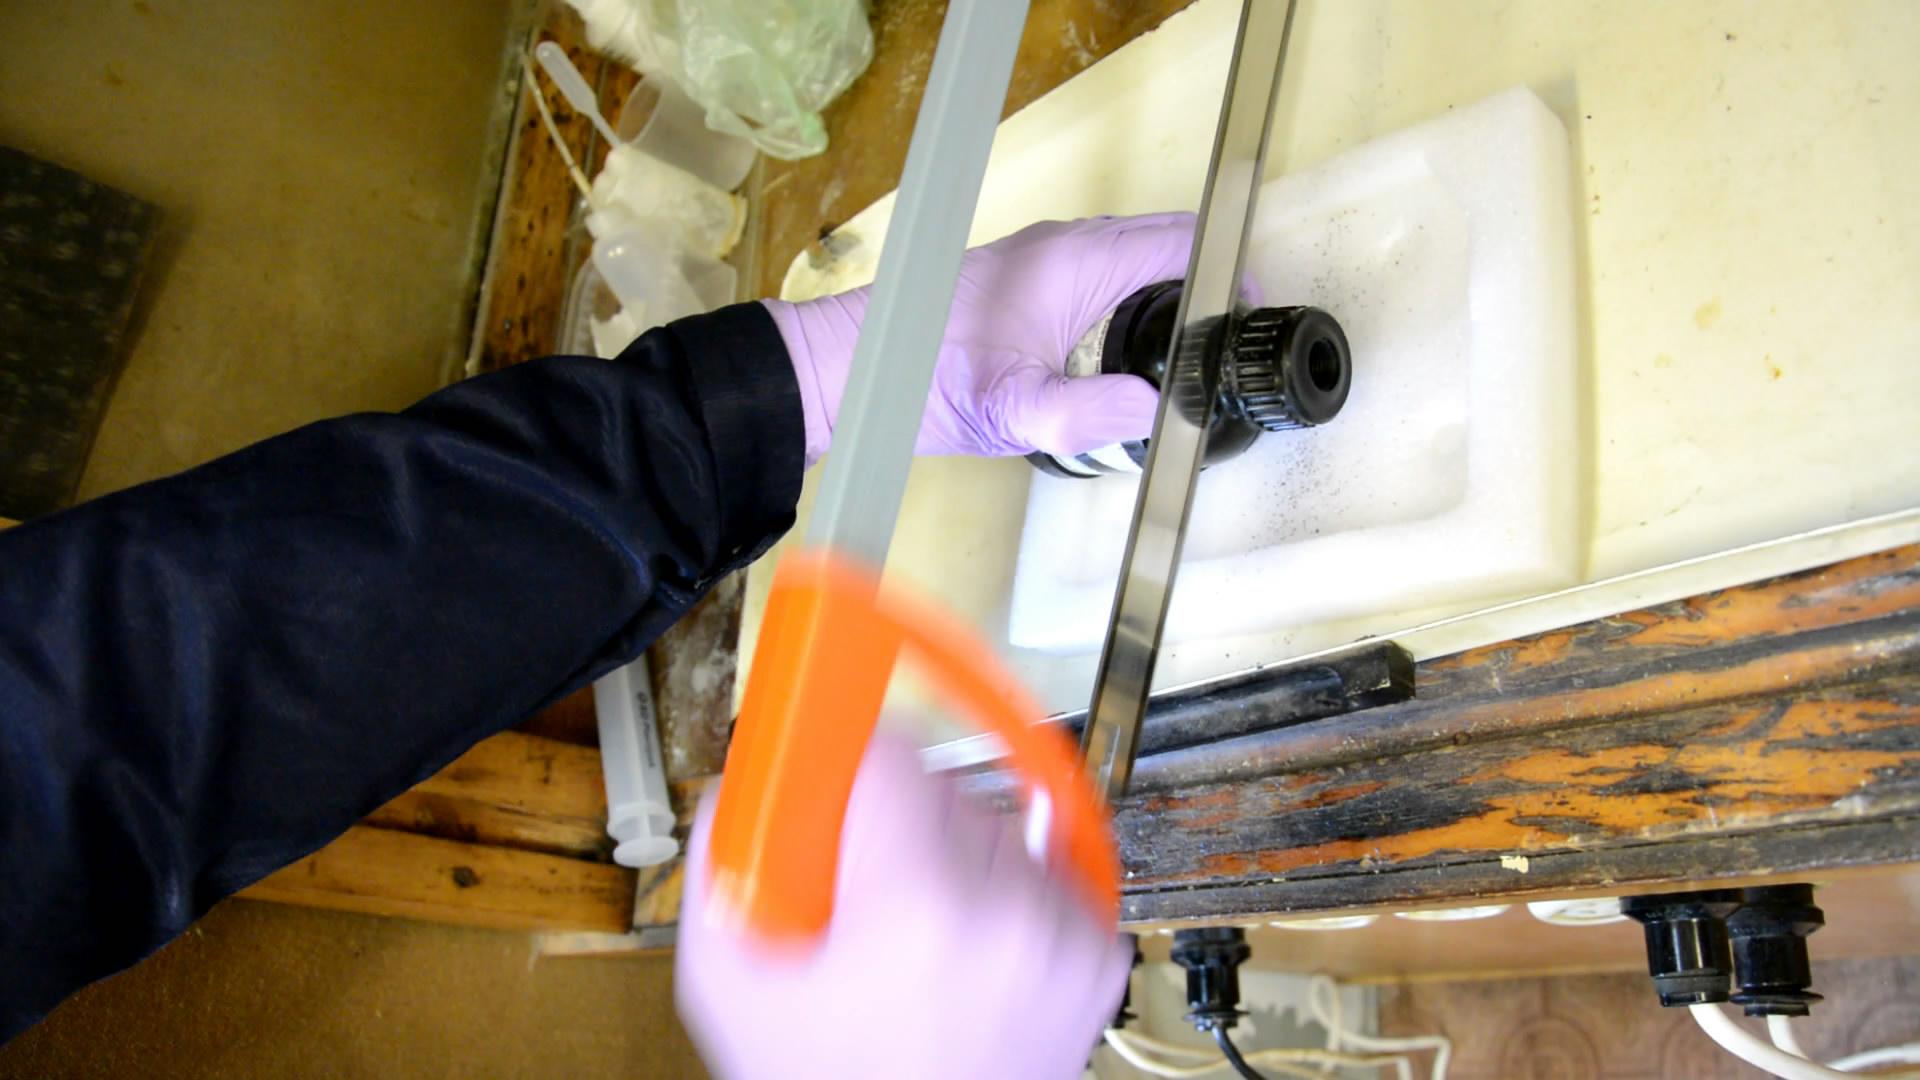 Вскрытие корпуса гранаты (извлечение отравляющих веществ)